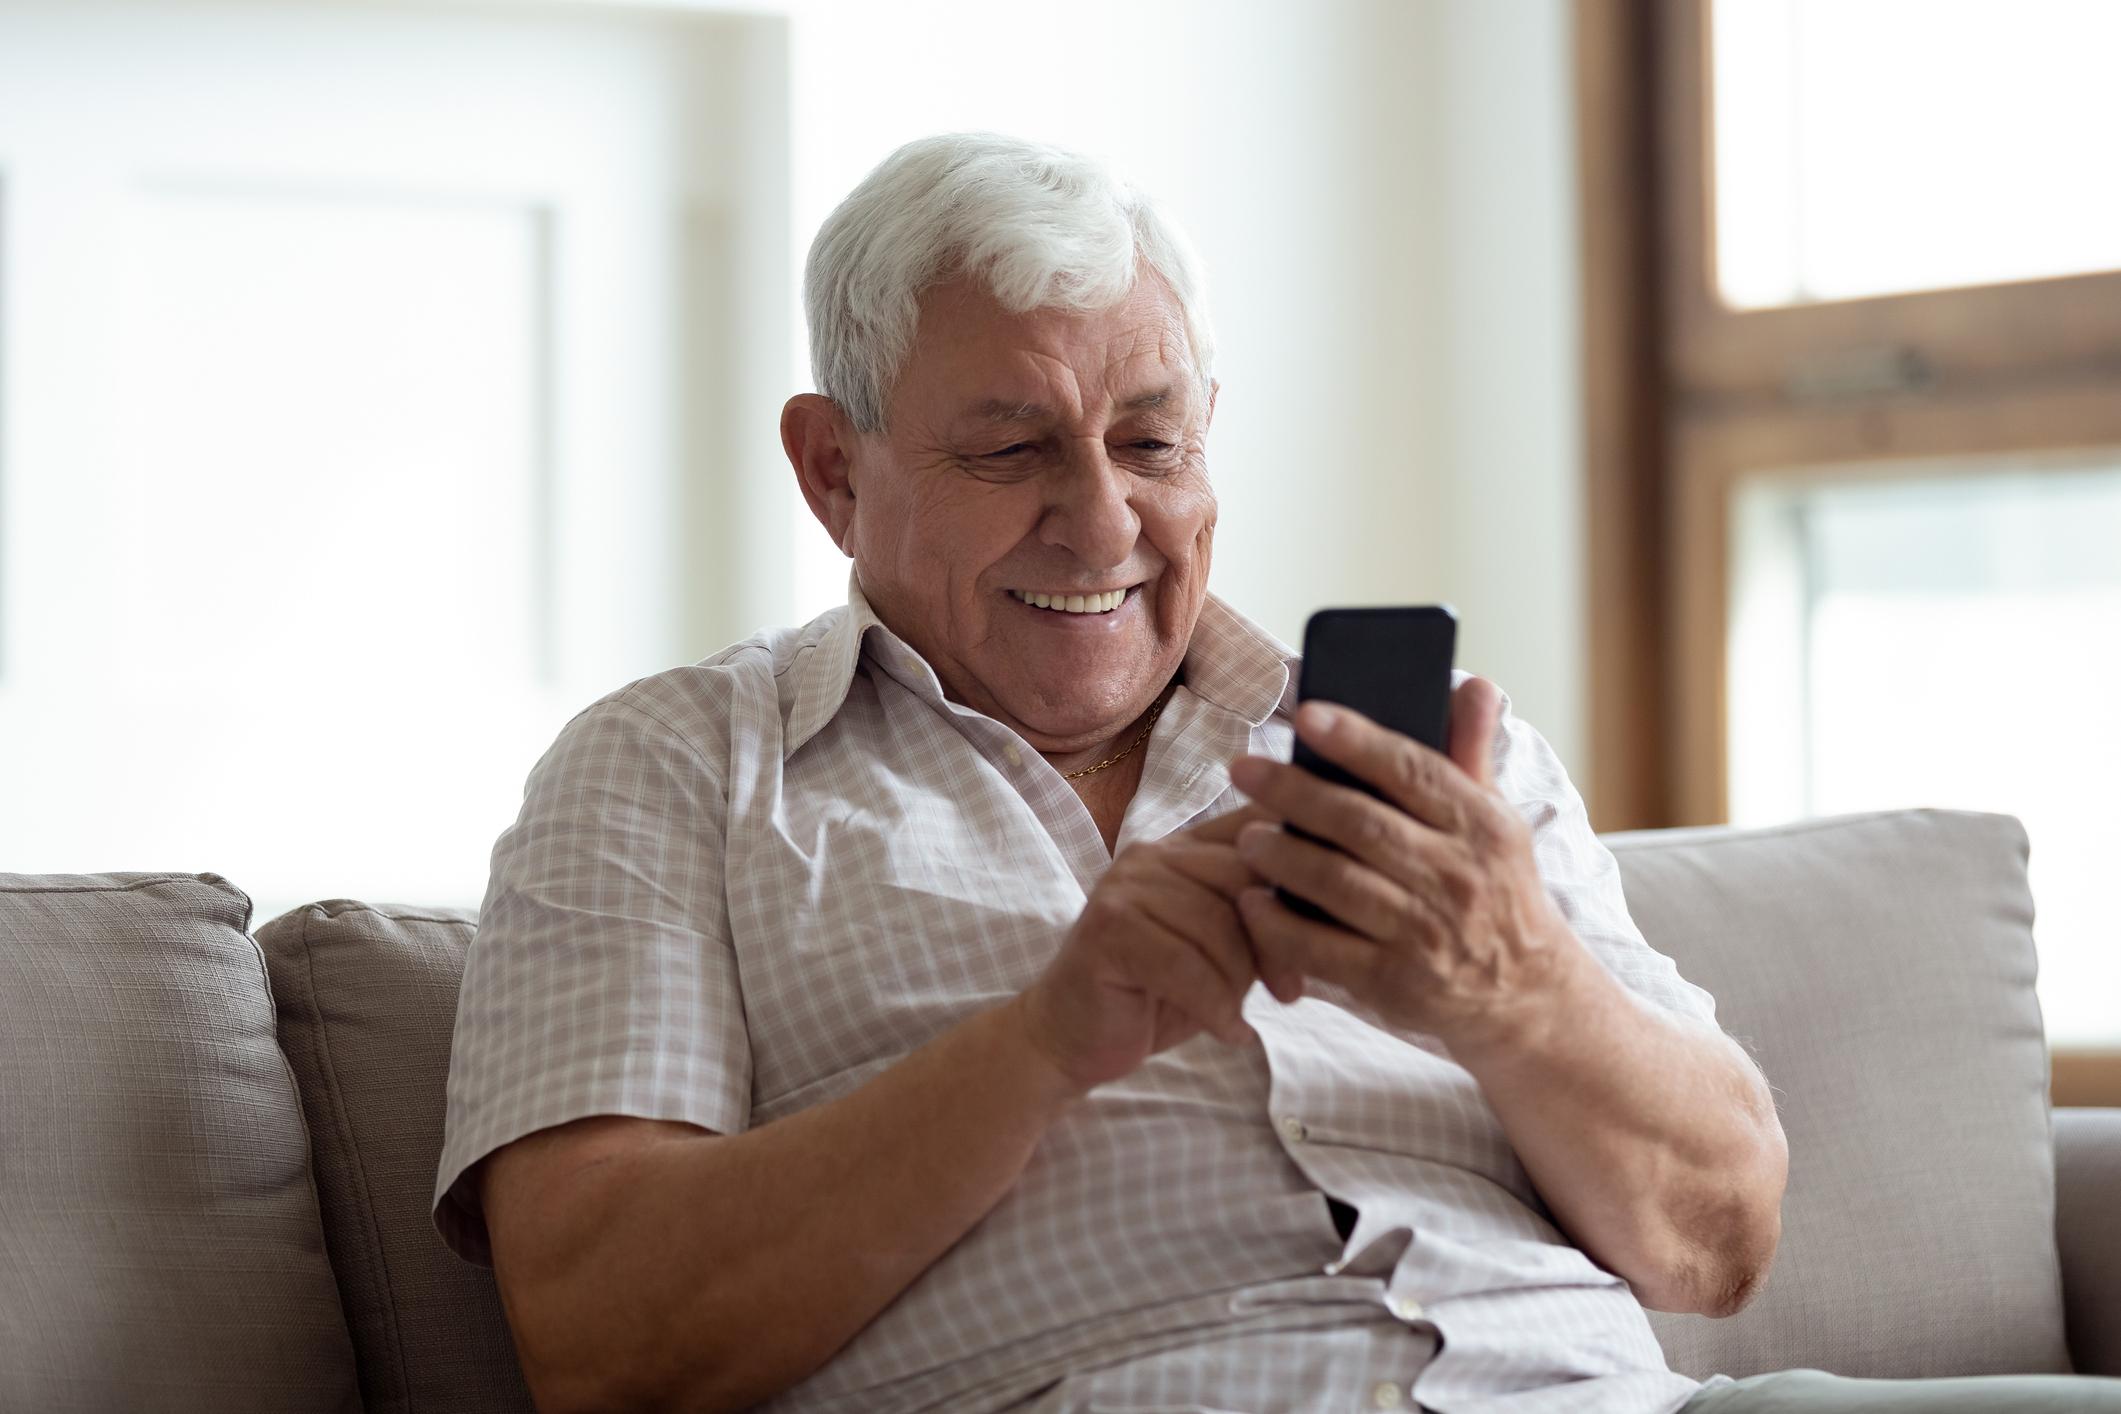 Ancianas Haciendo El Amor un anciano lleva 12 días hablando con una fotografía de su